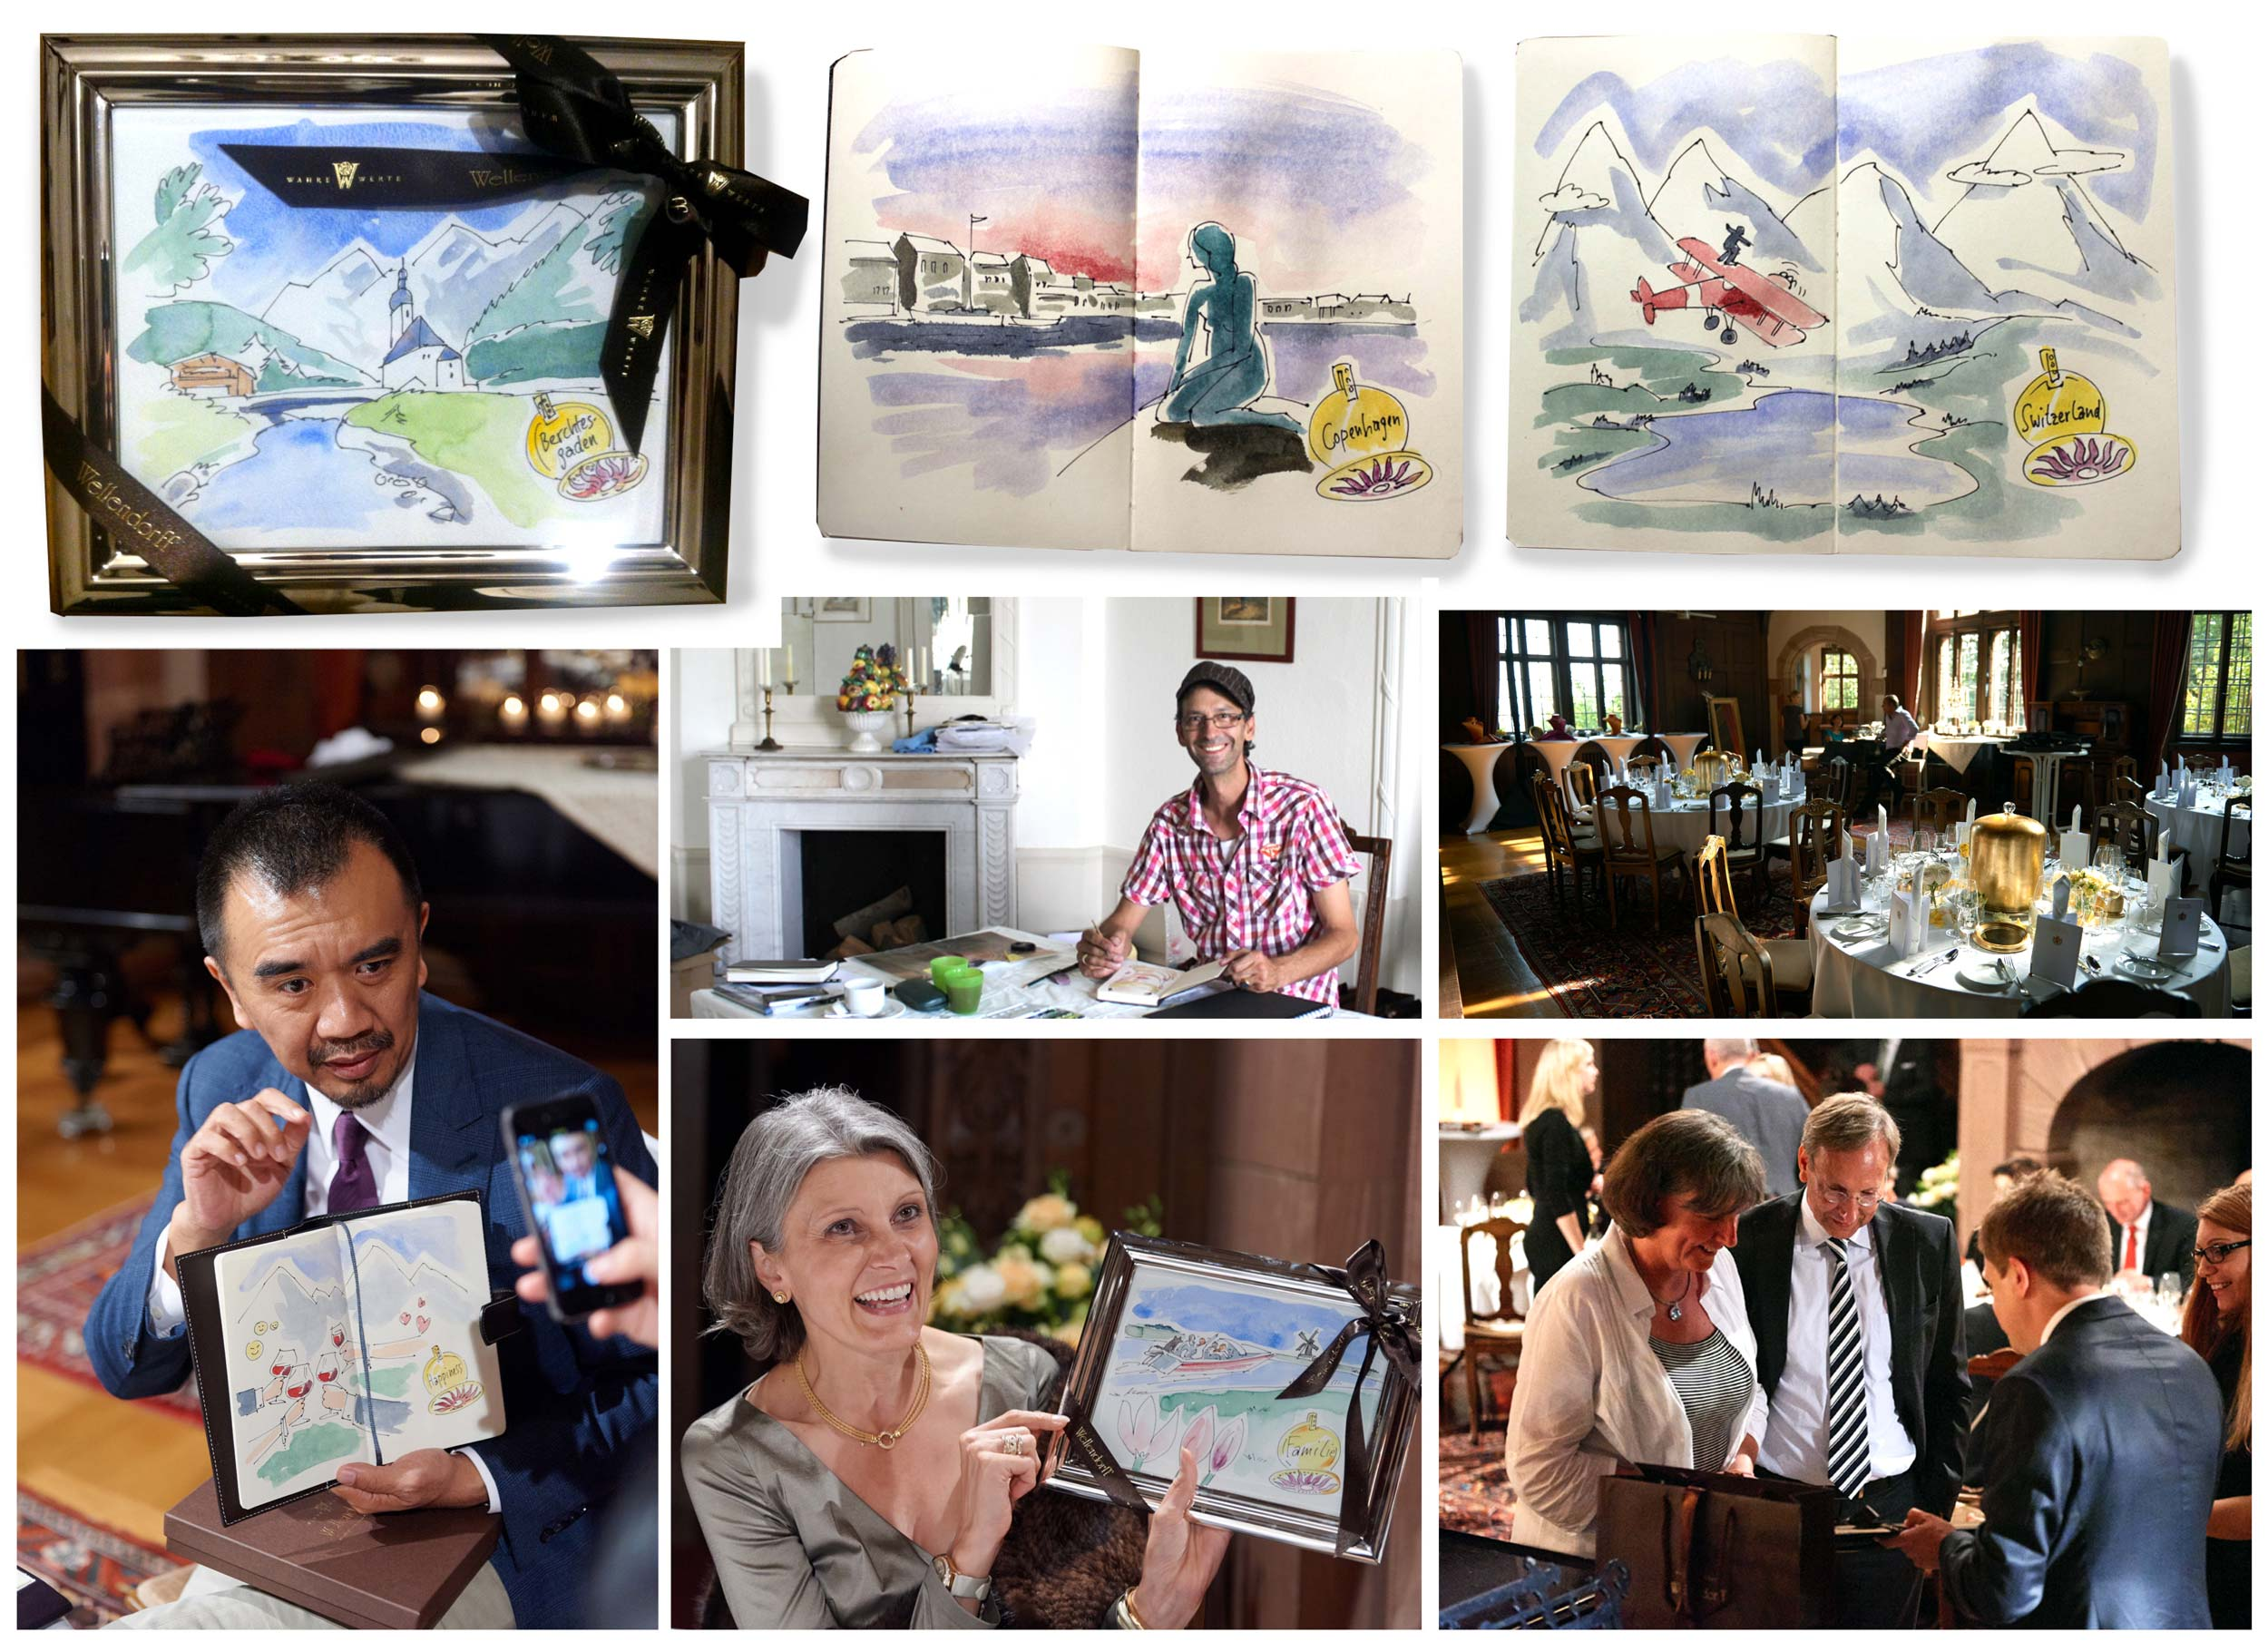 Wellendorff Schmuck   Im Schloss Vollrads (Rheingau) zeichne ich live während einer exklusiven Sondervorführung von Wellendorff Schmuck, die Zukunftsträume der Gäste. Zur allgemeinen Verblüffung, werden diese noch am selben Abend gerahmt oder in Buchform übergeben.